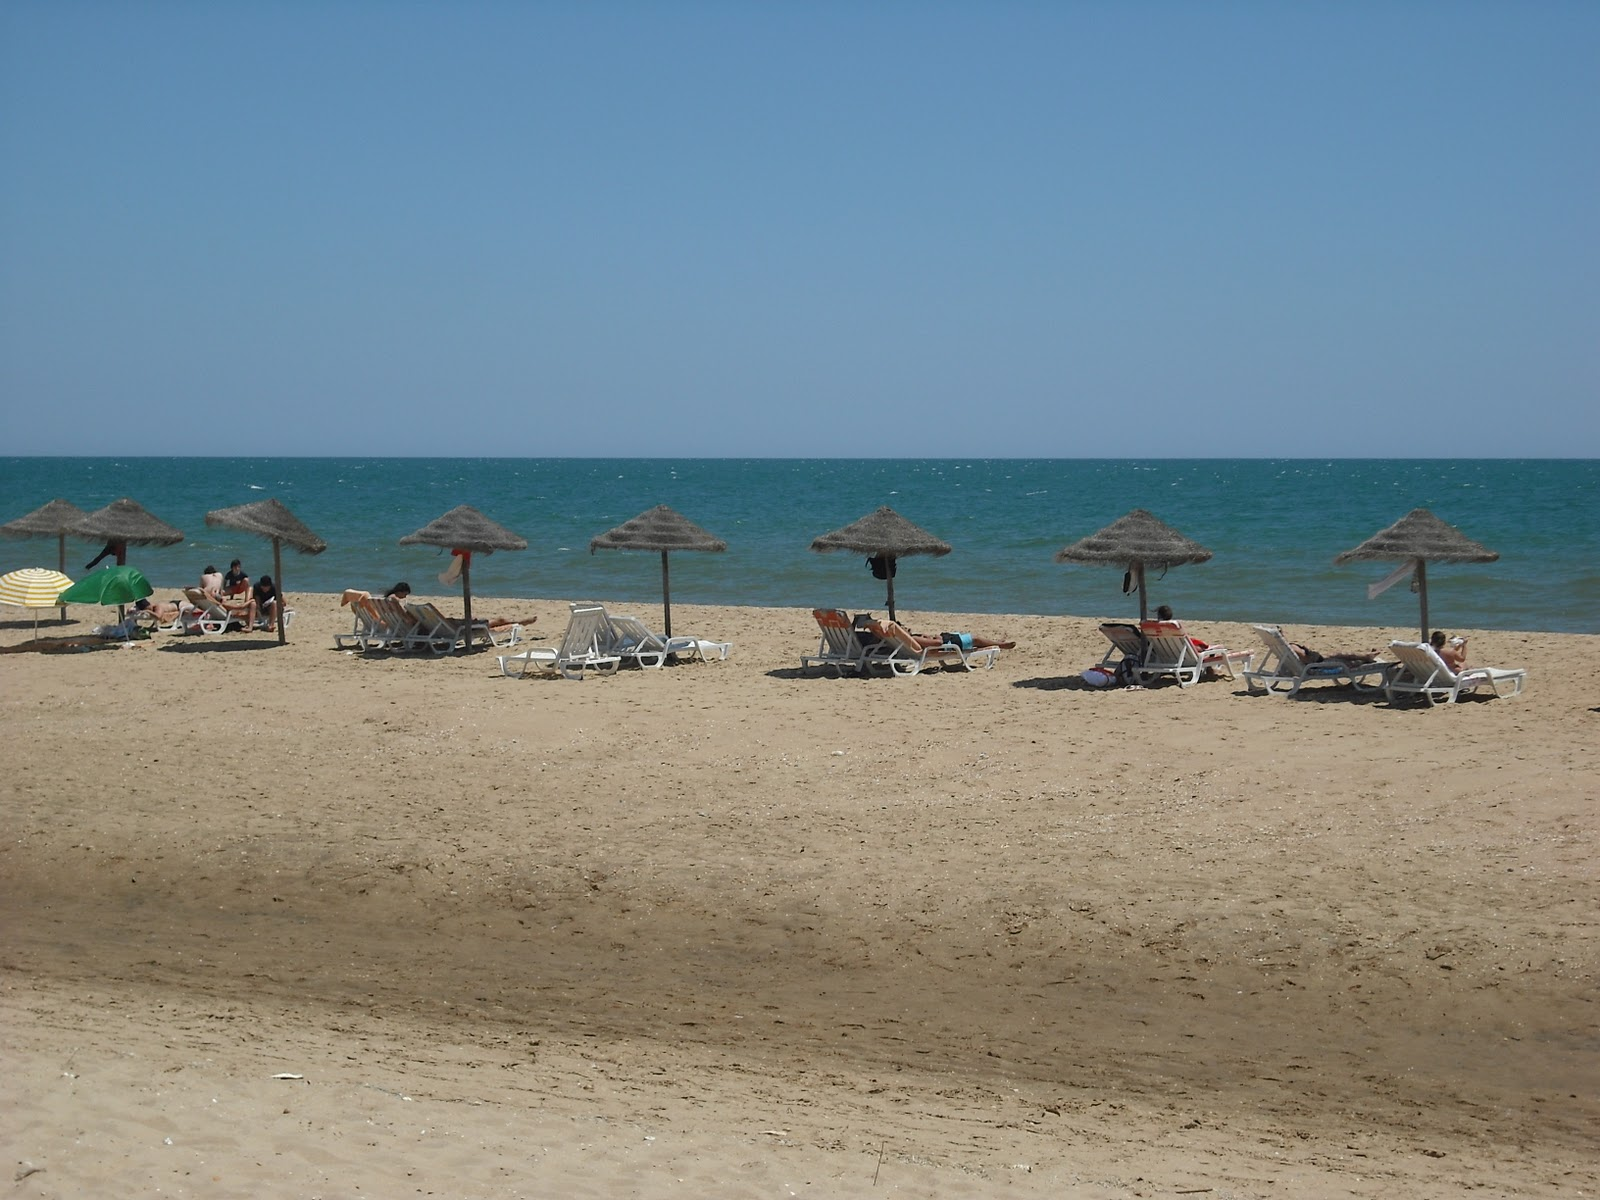 Playas de lepe hamacas y sombrillas - Hamacas de playa ...